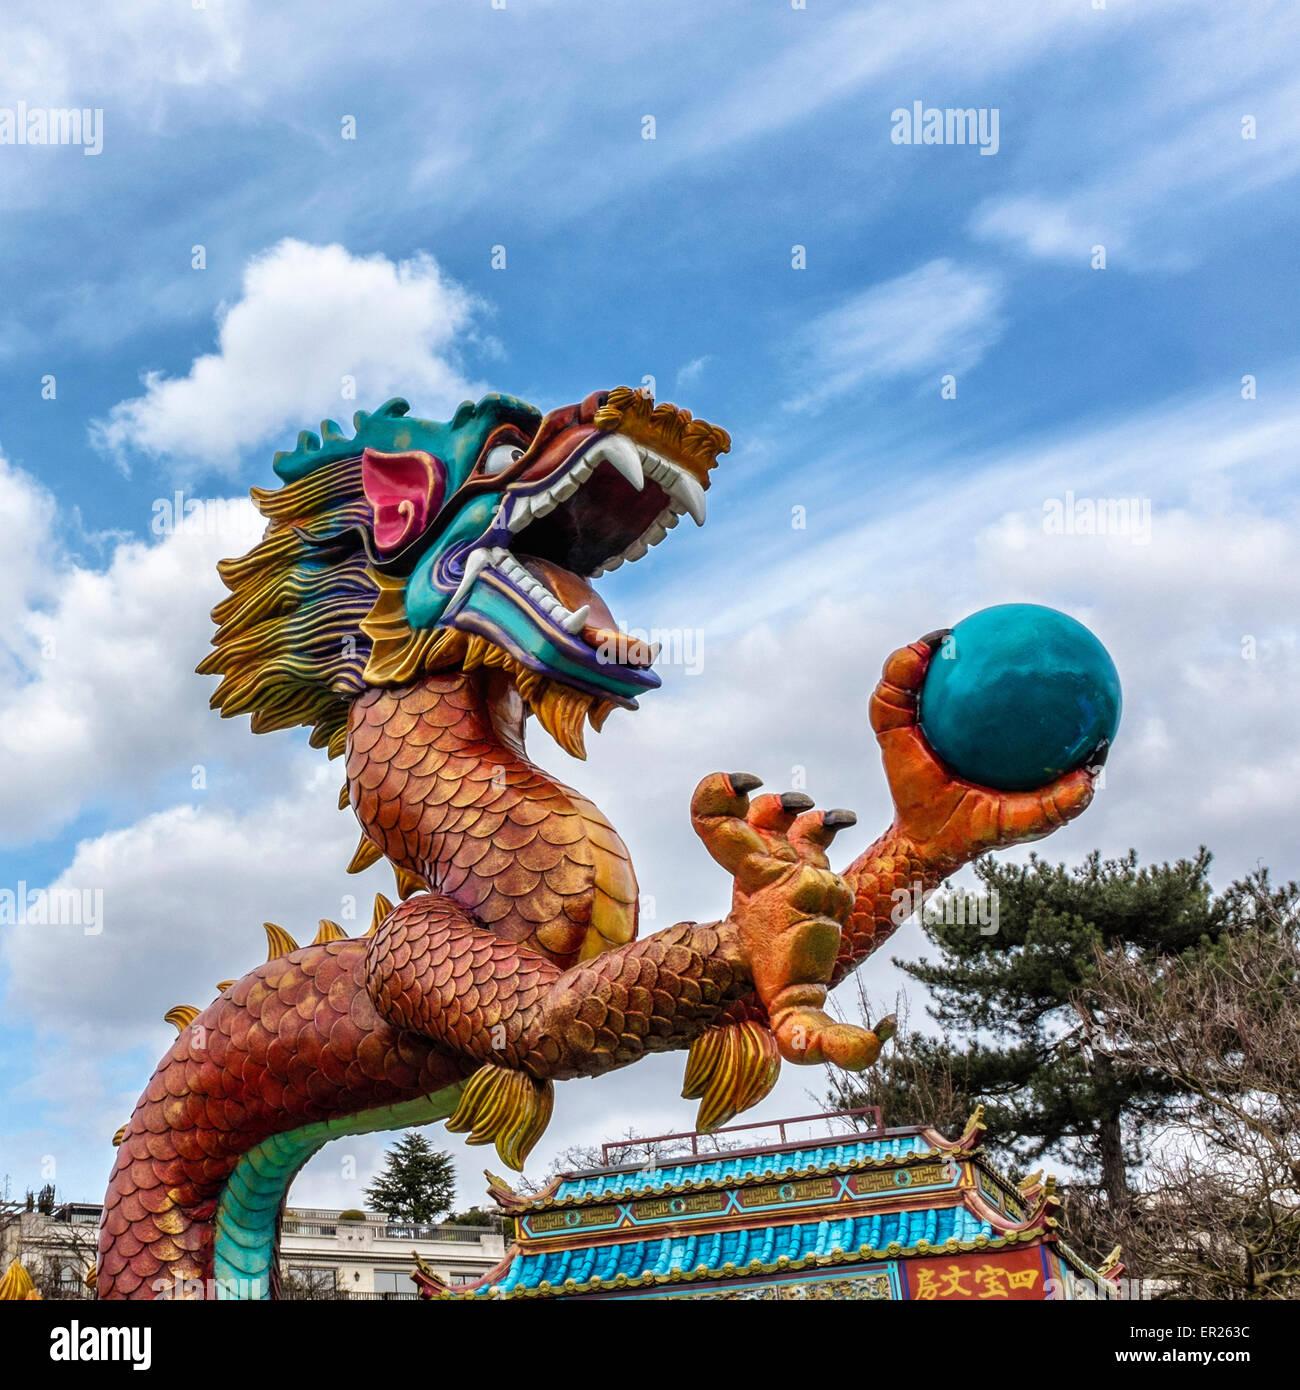 Traditional funfair ride chinese dragon jardin d for Bois de boulogne jardin d acclimatation